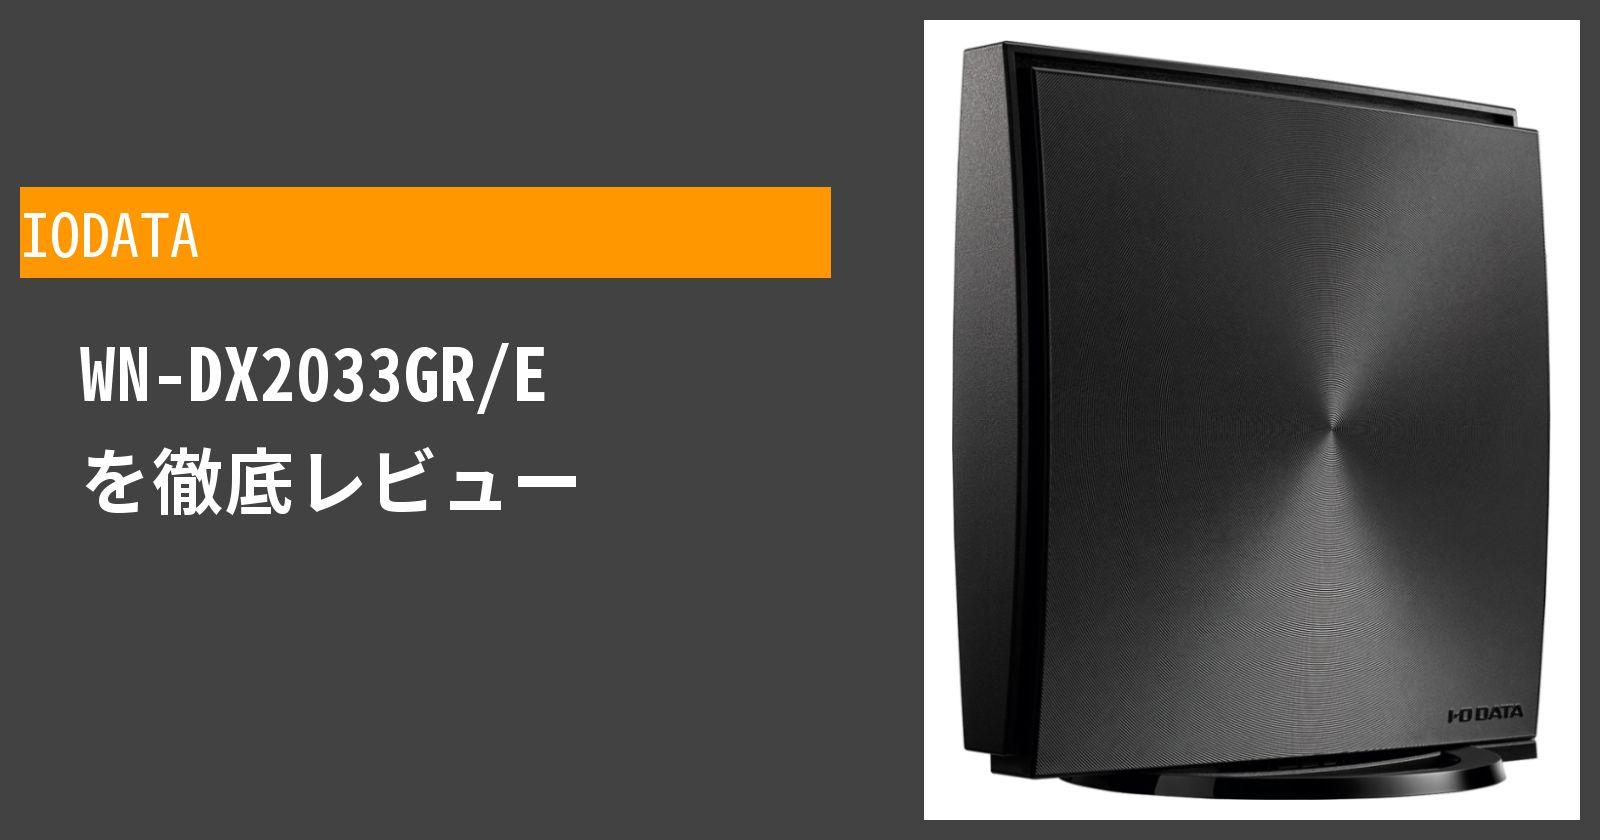 WN-DX2033GR/Eを徹底評価